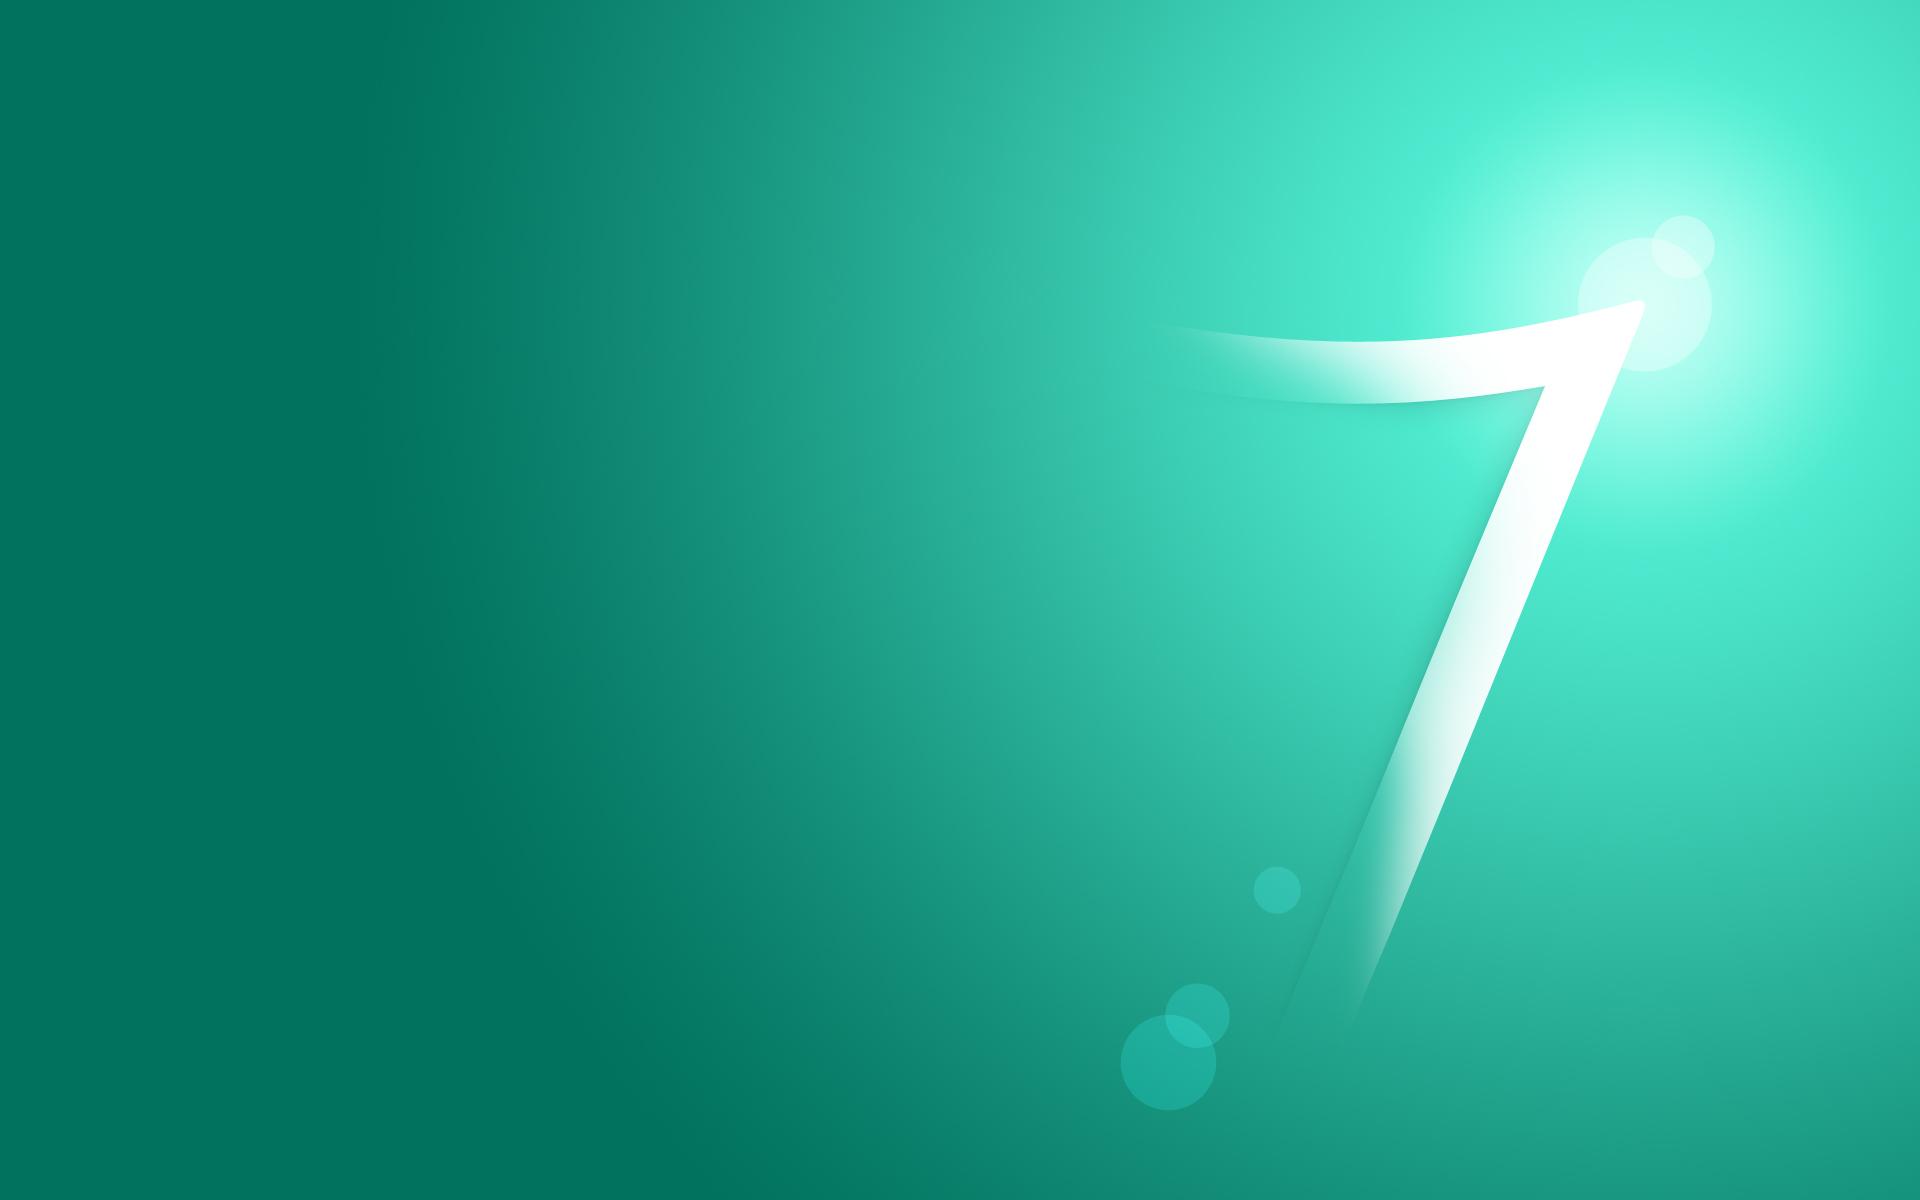 8主题桌面_windows8主题_win8 windows经典主题_windows8主题包下载